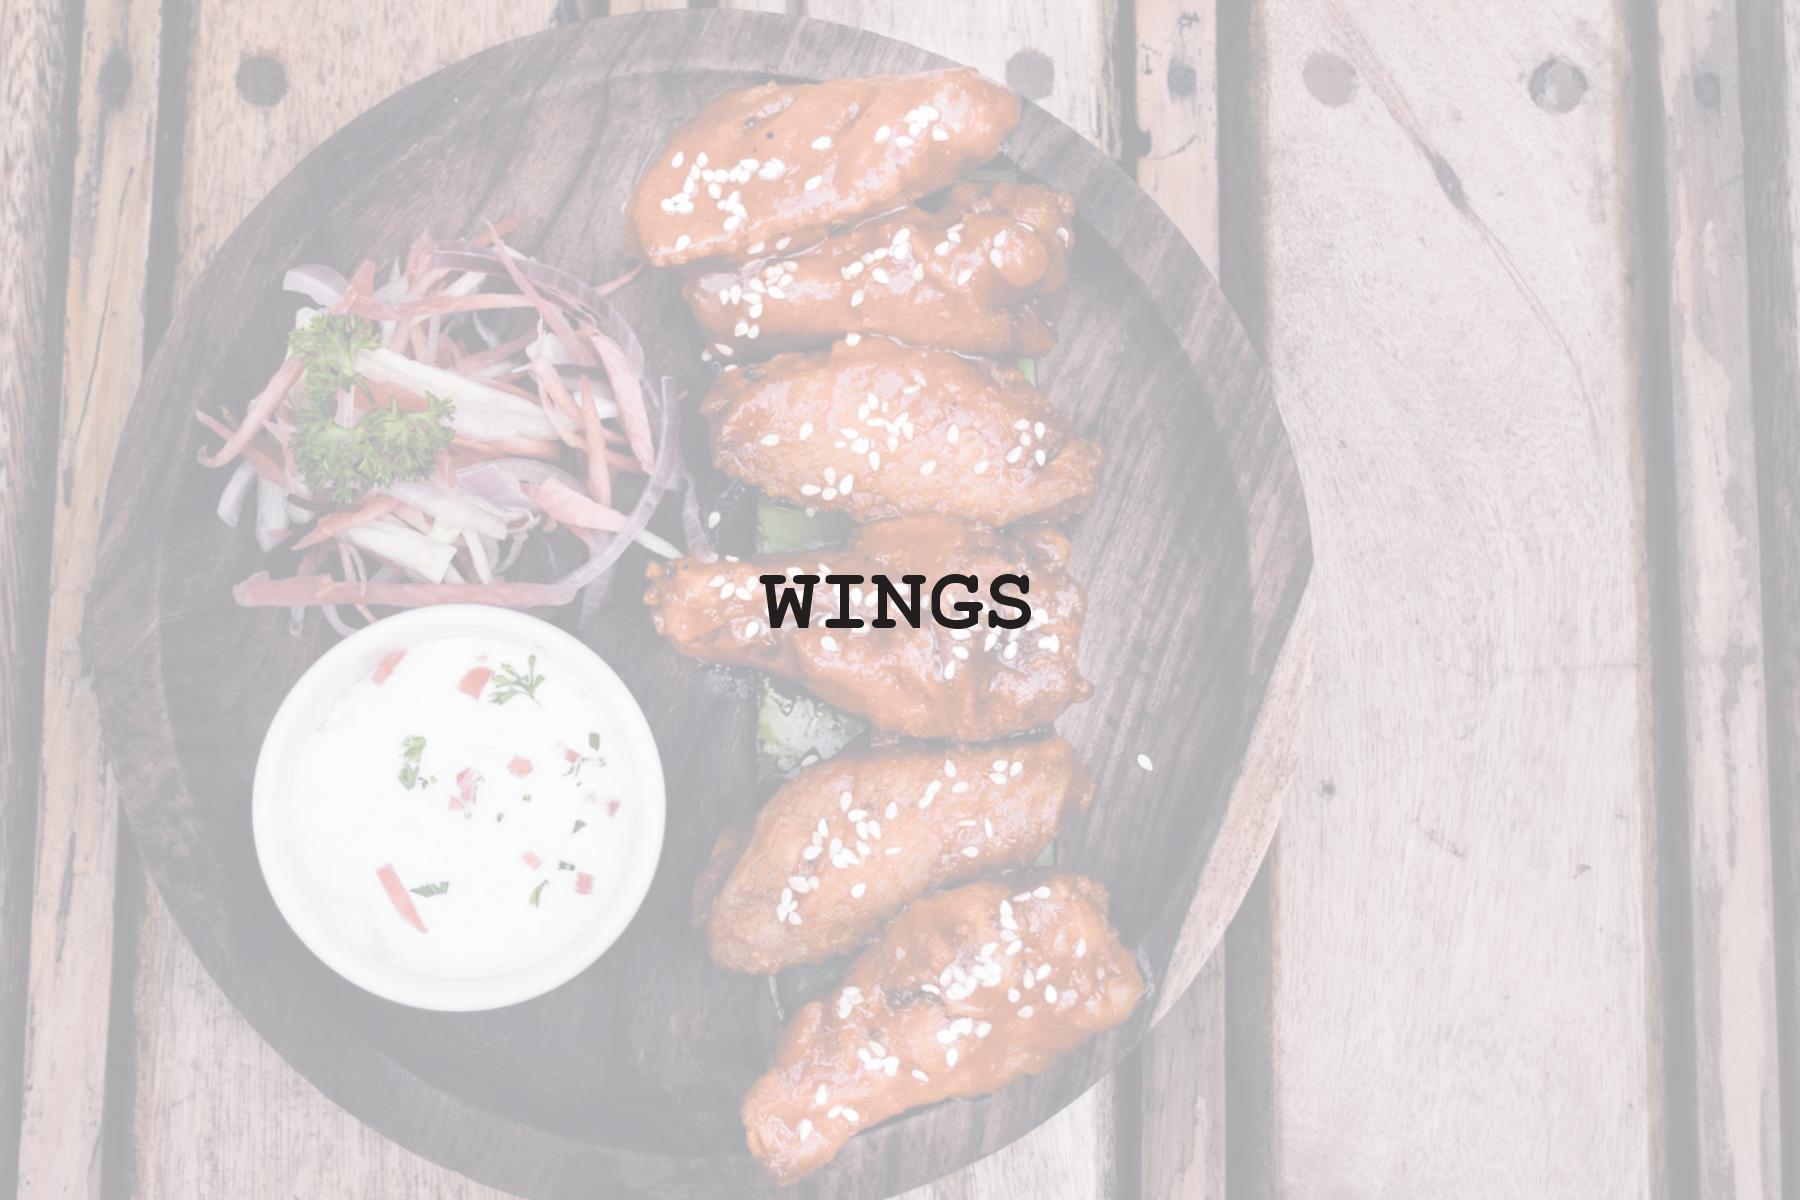 Wings Image.jpg